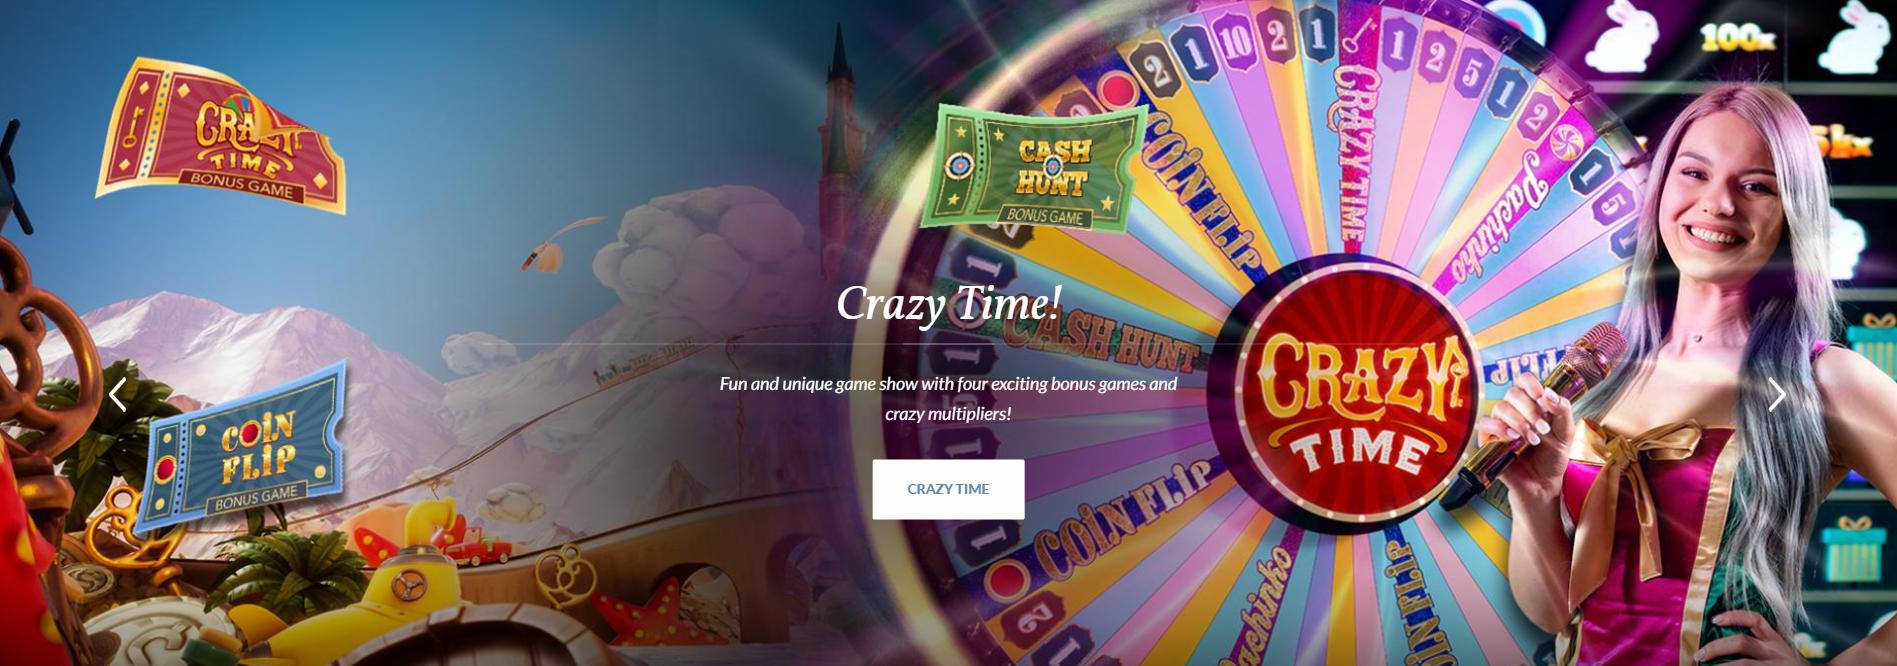 crazy time evolution gaming puslapis žaidimo ratas svajonių pasaulis